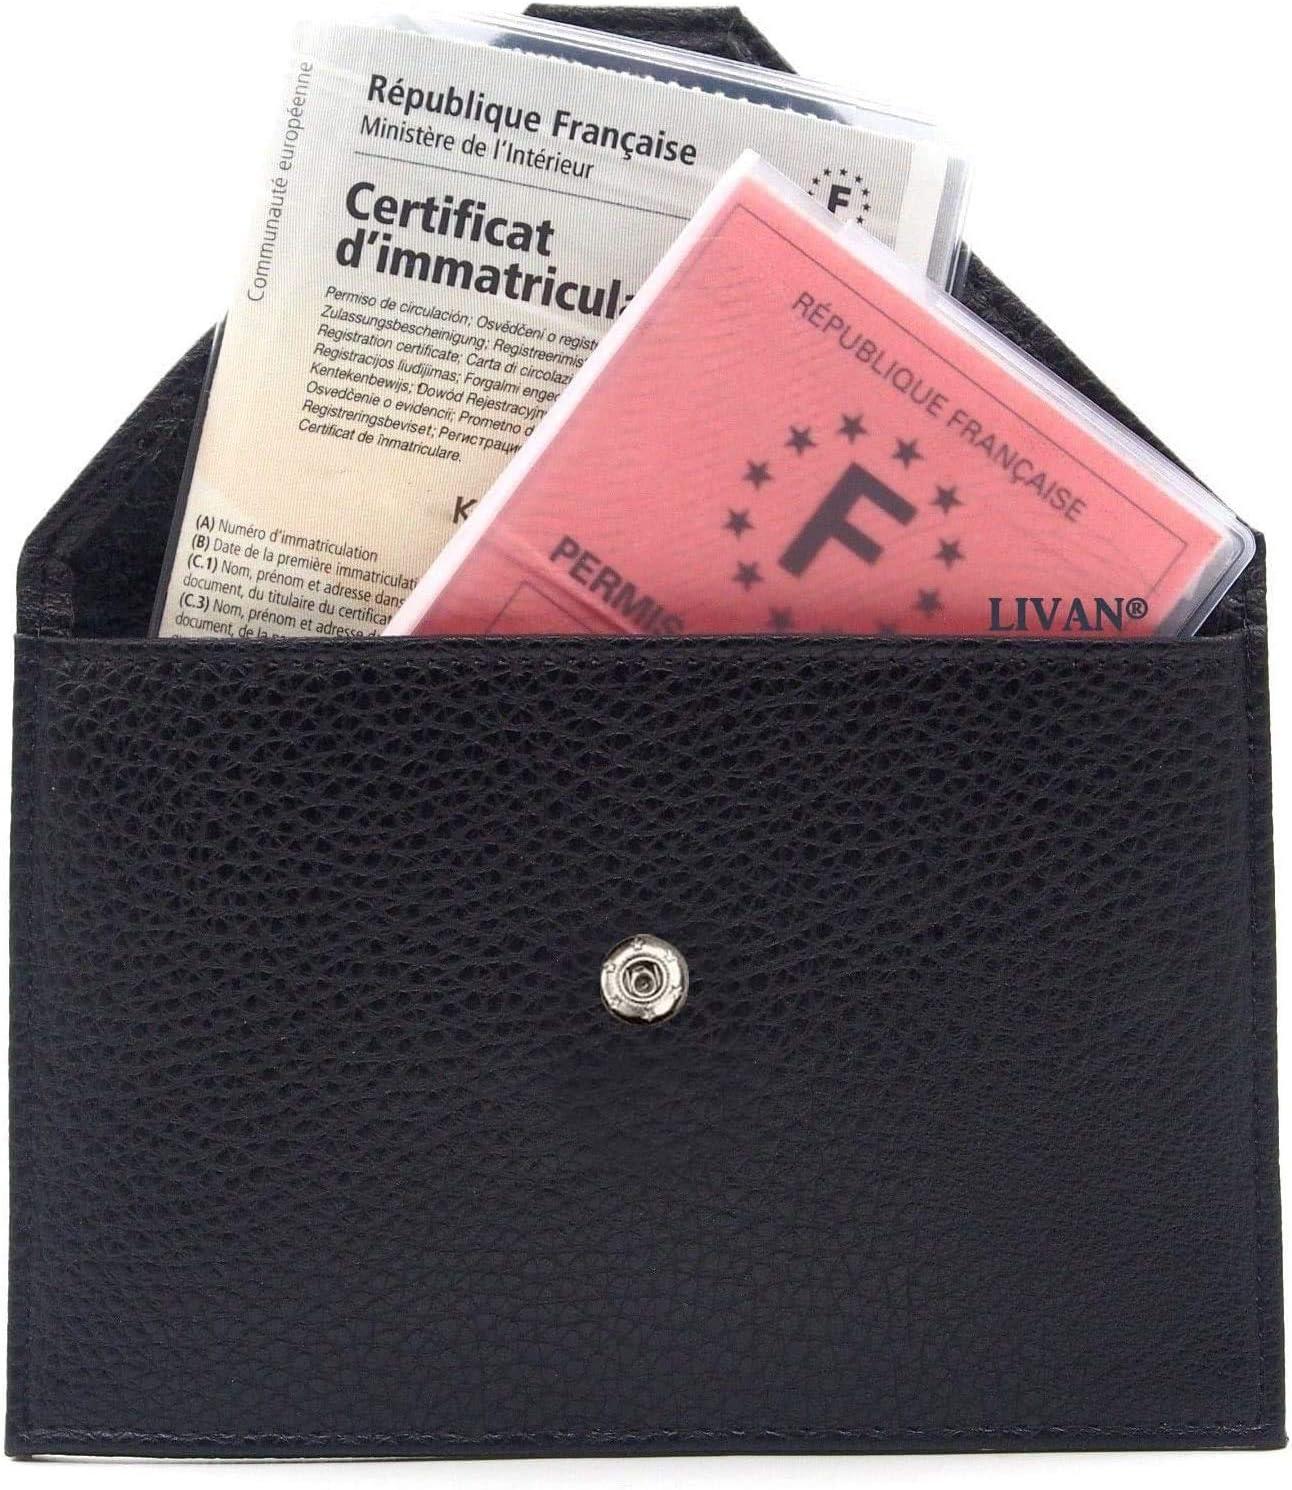 LA704 Etui Pochette Porte Permis de Conduire La Carte Grise Argent + RFID CNI /étui Protection Anti RFID//NFC Femme Homme Assurance Papier Voiture